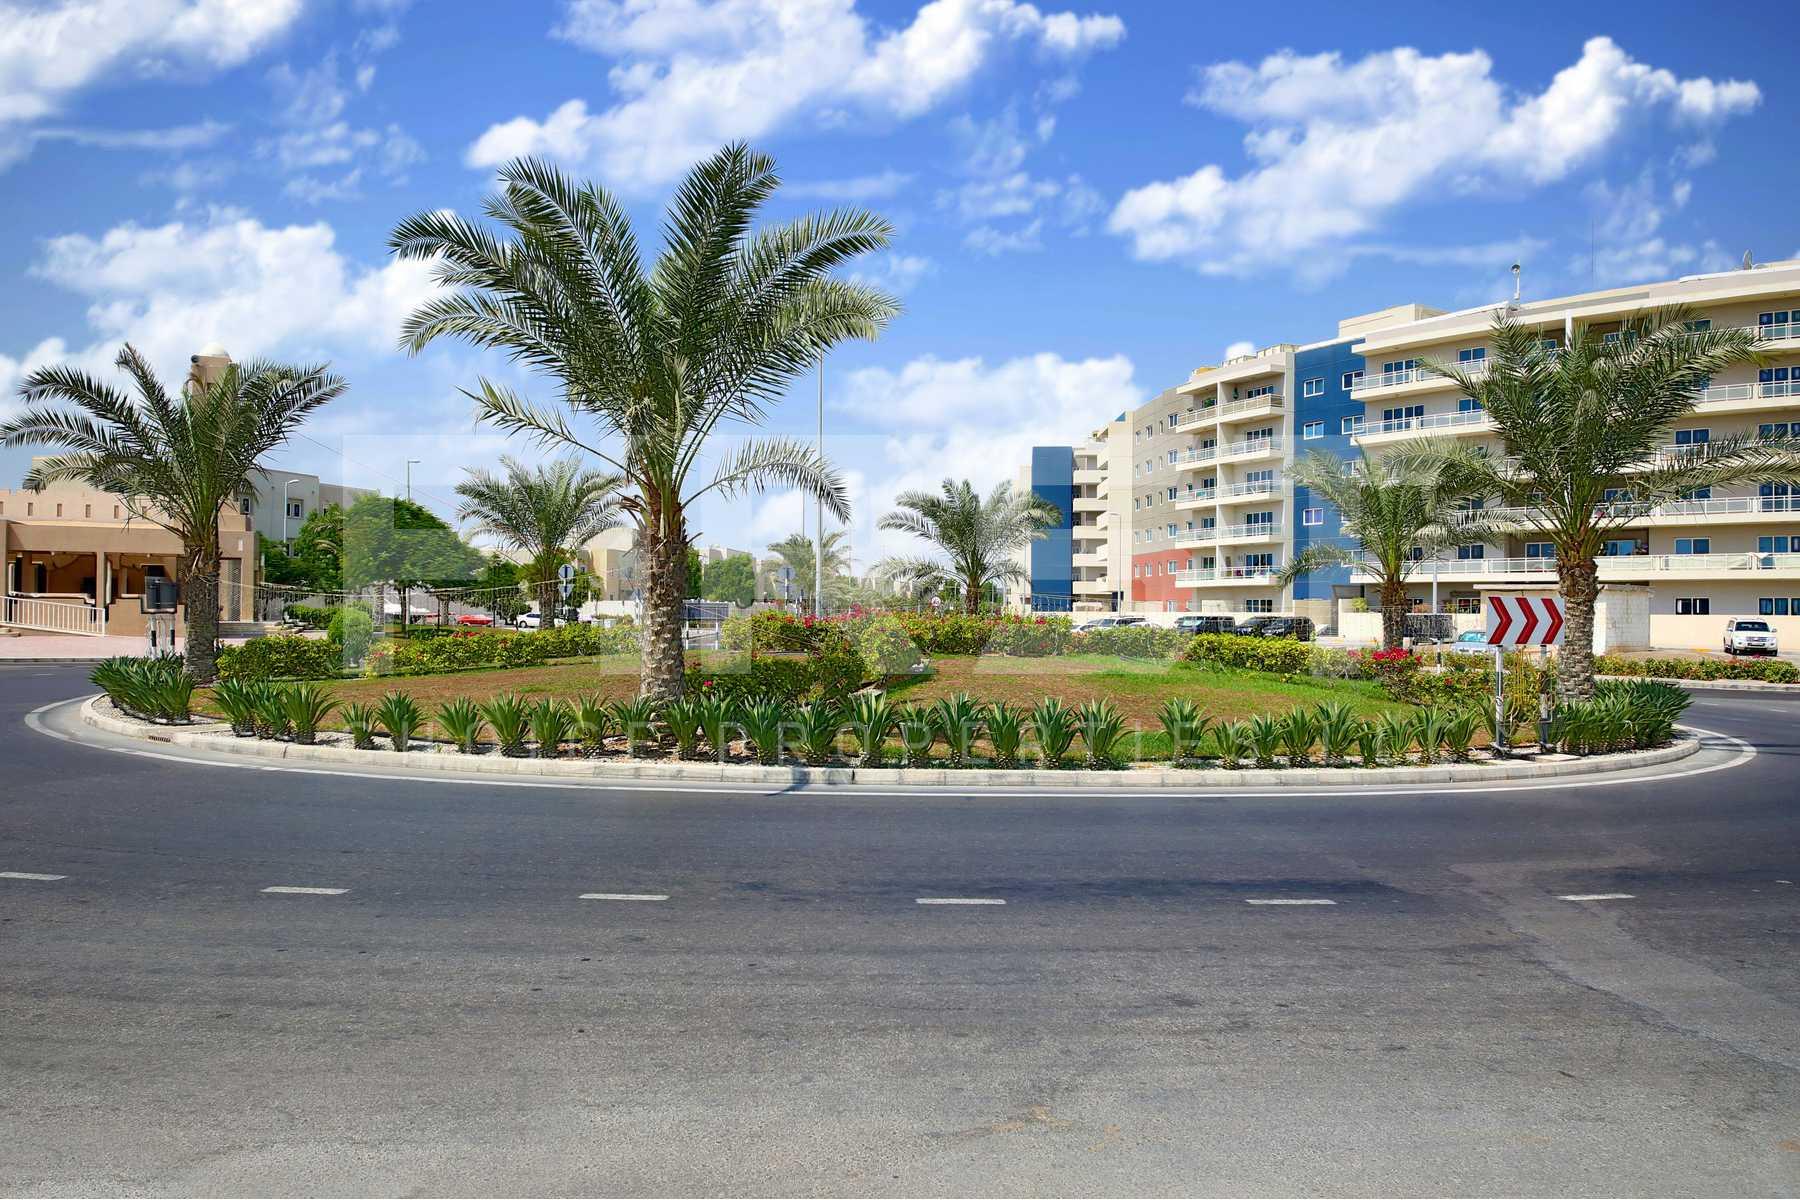 External Photo of Al Reef Downtown Al Reef Abu Dhabi UAE (10).jpg